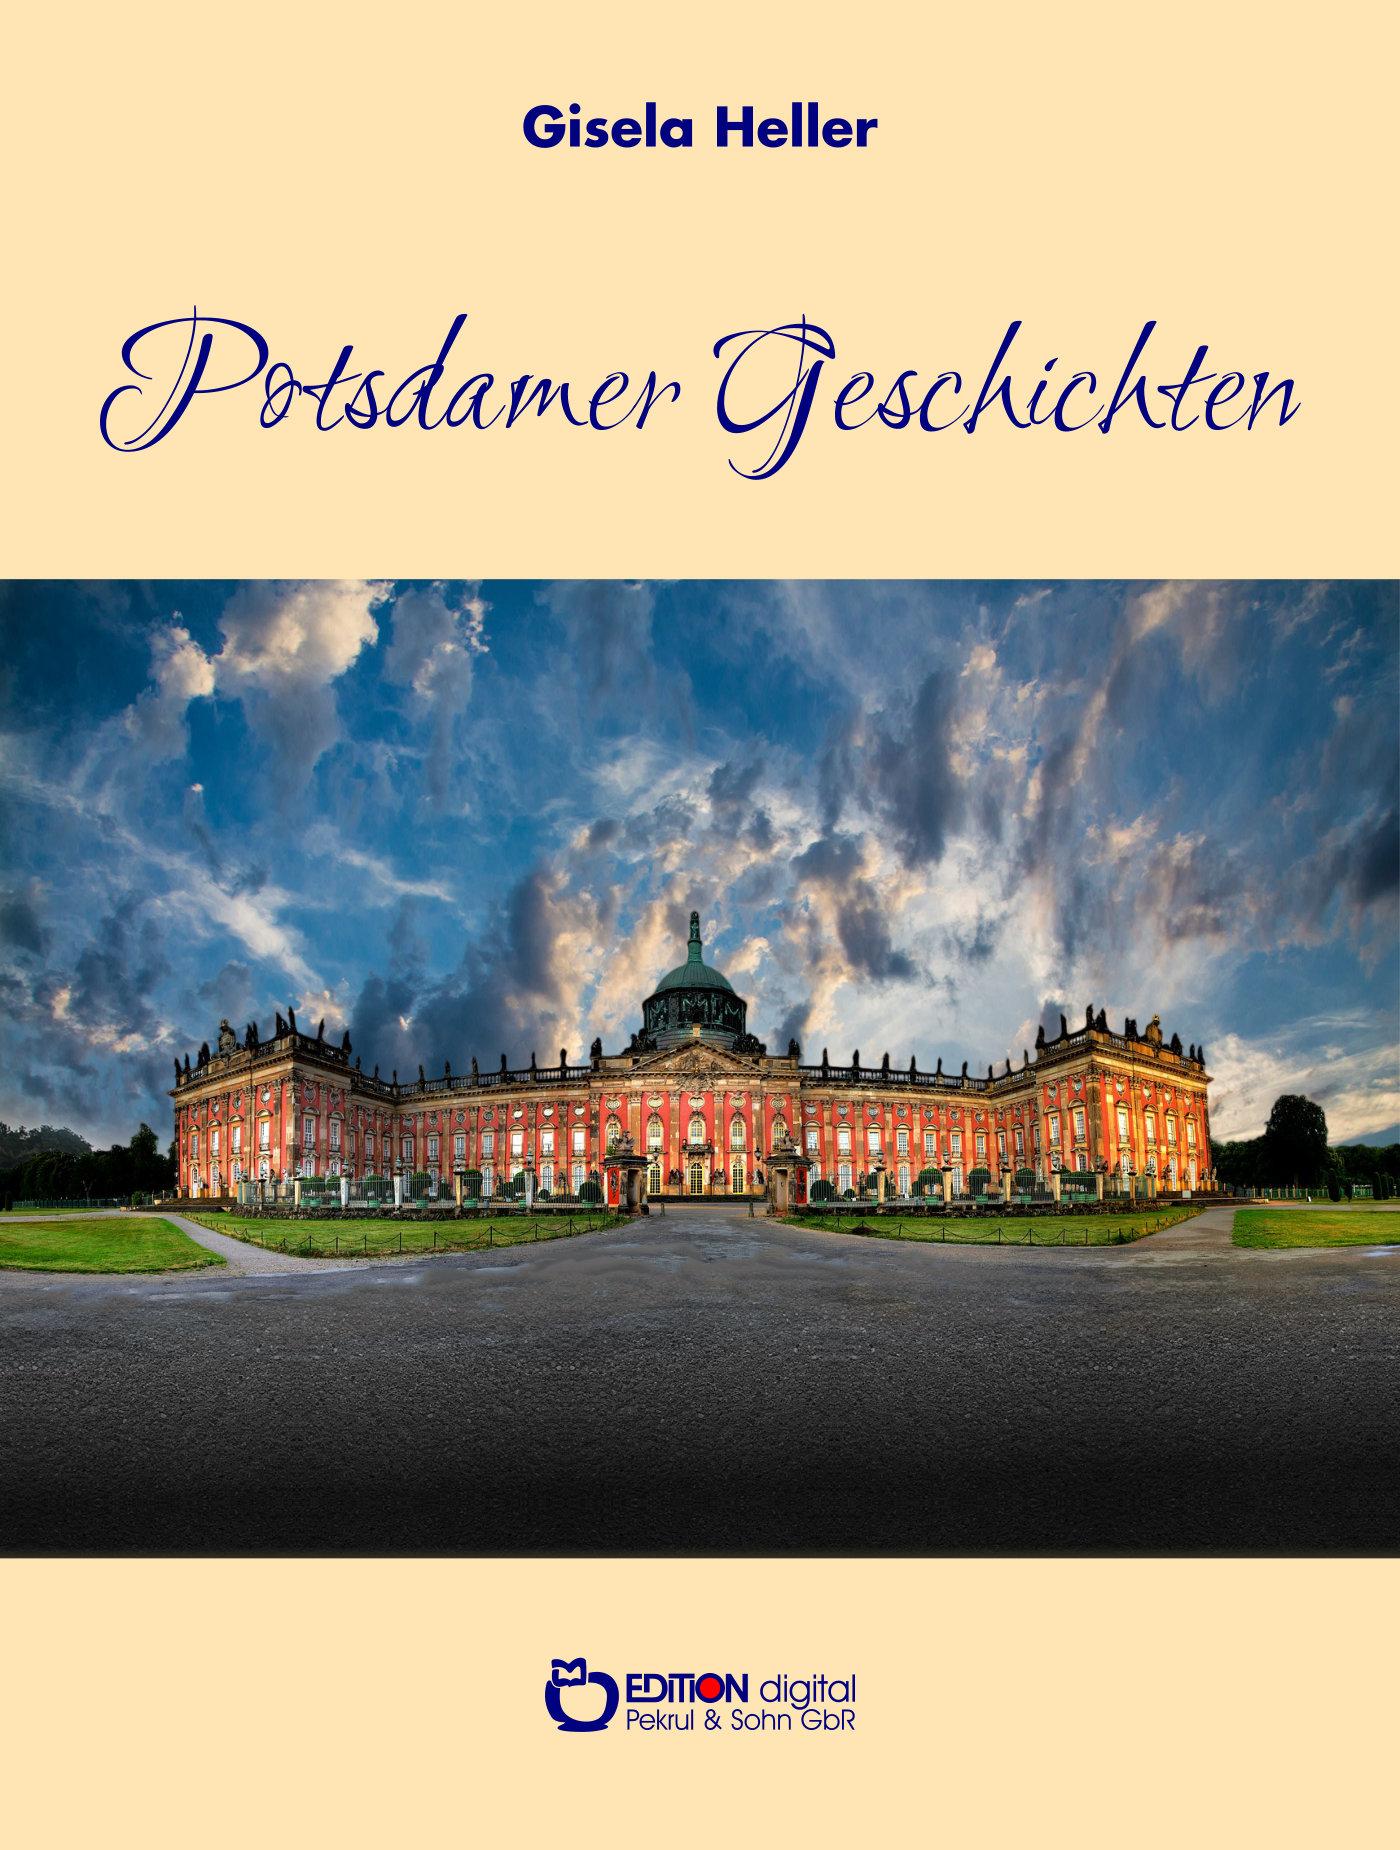 Potsdamer Geschcihten von Gisela Heller